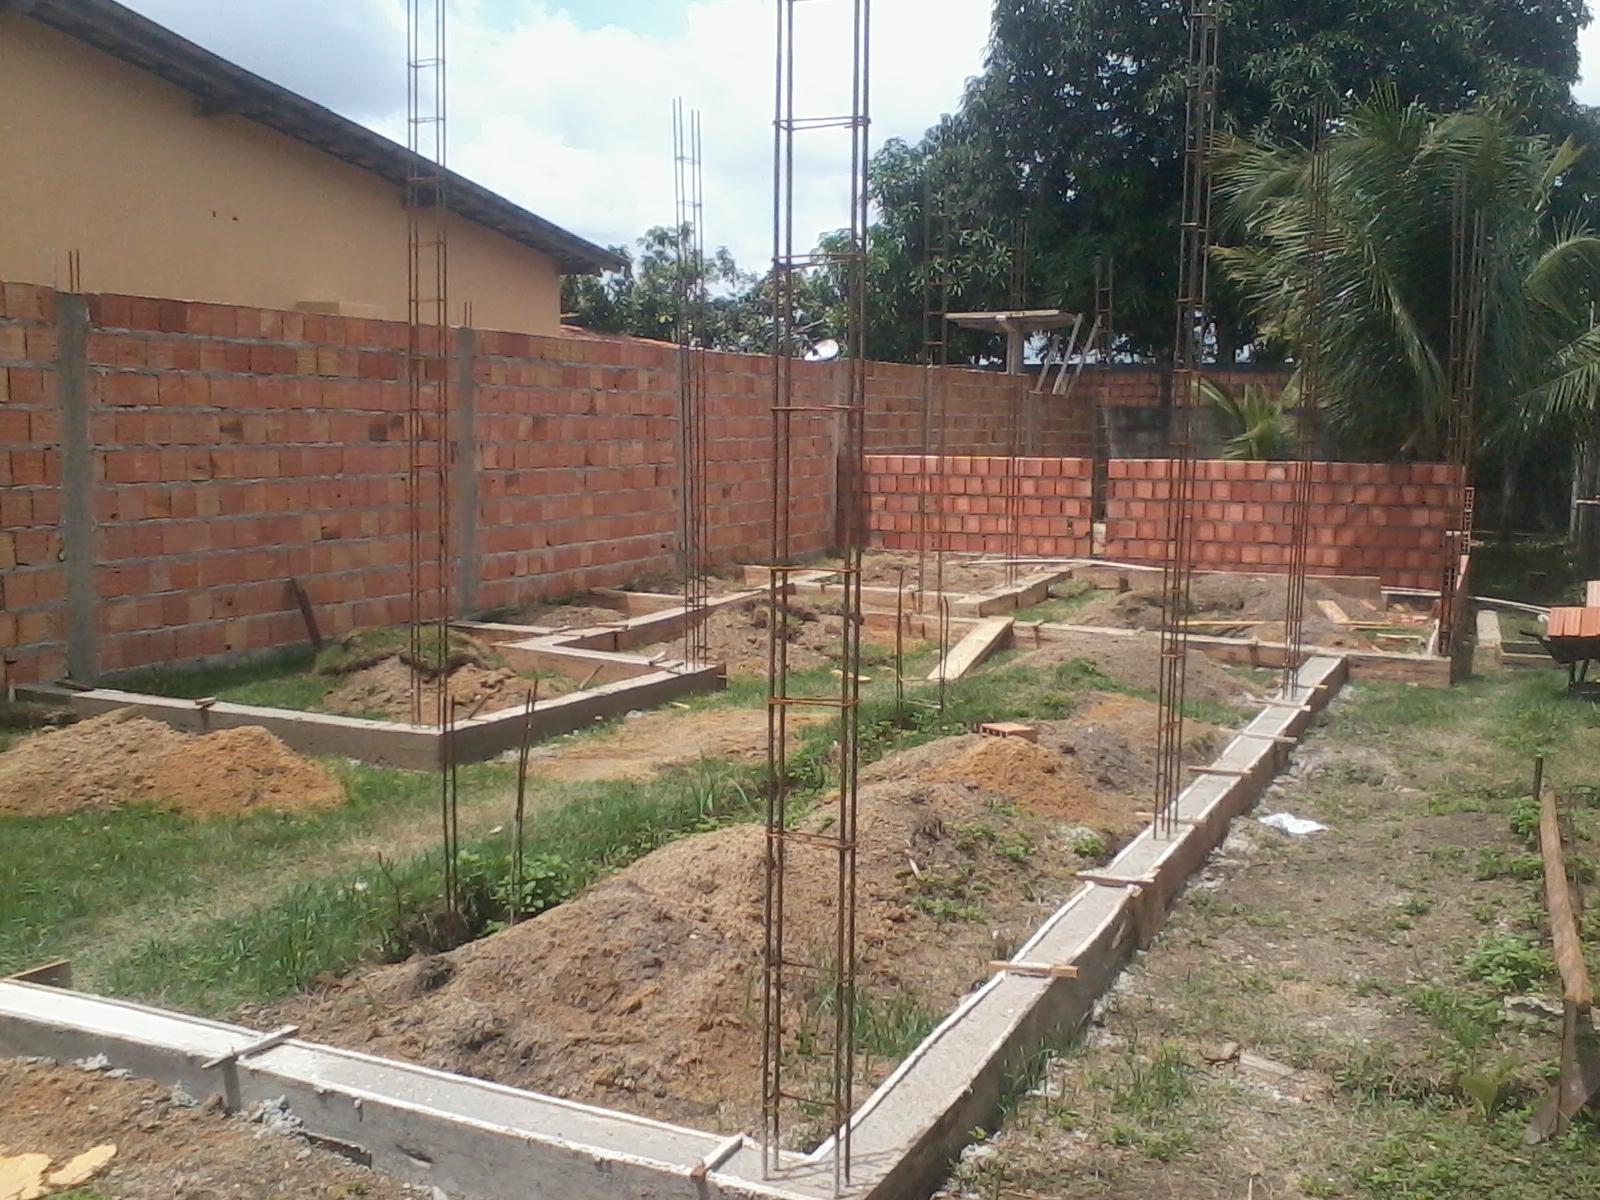 #836848 quadrados banheiro social 3 metros quadrados hall área de  1600x1200 px projeto banheiro 2 metros quadrados